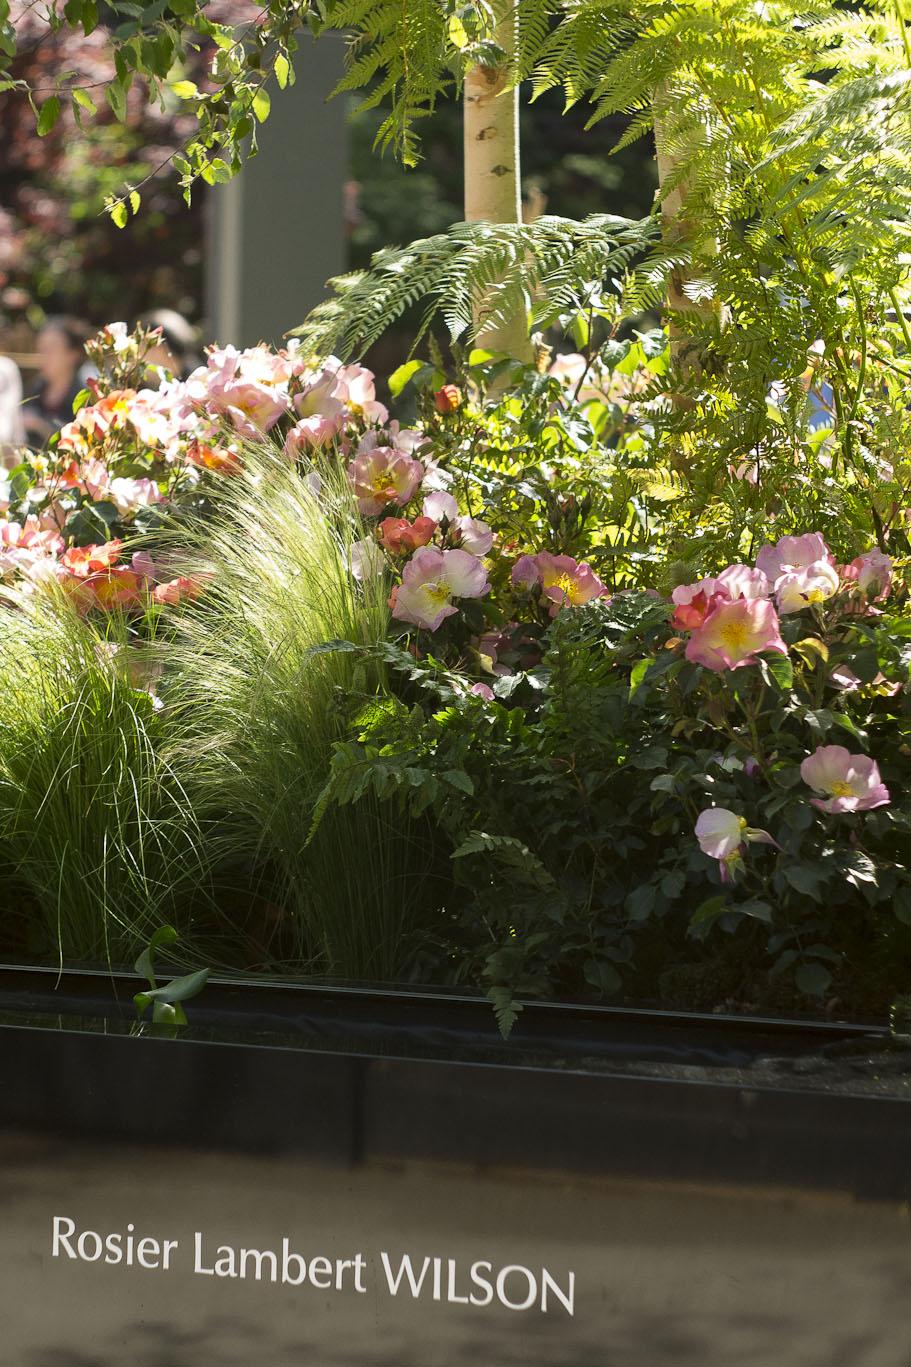 Le nouveau Rosier Lambert Wilson par Truffaut - Jardins Jardin 2015 aux Tuileries - Paris